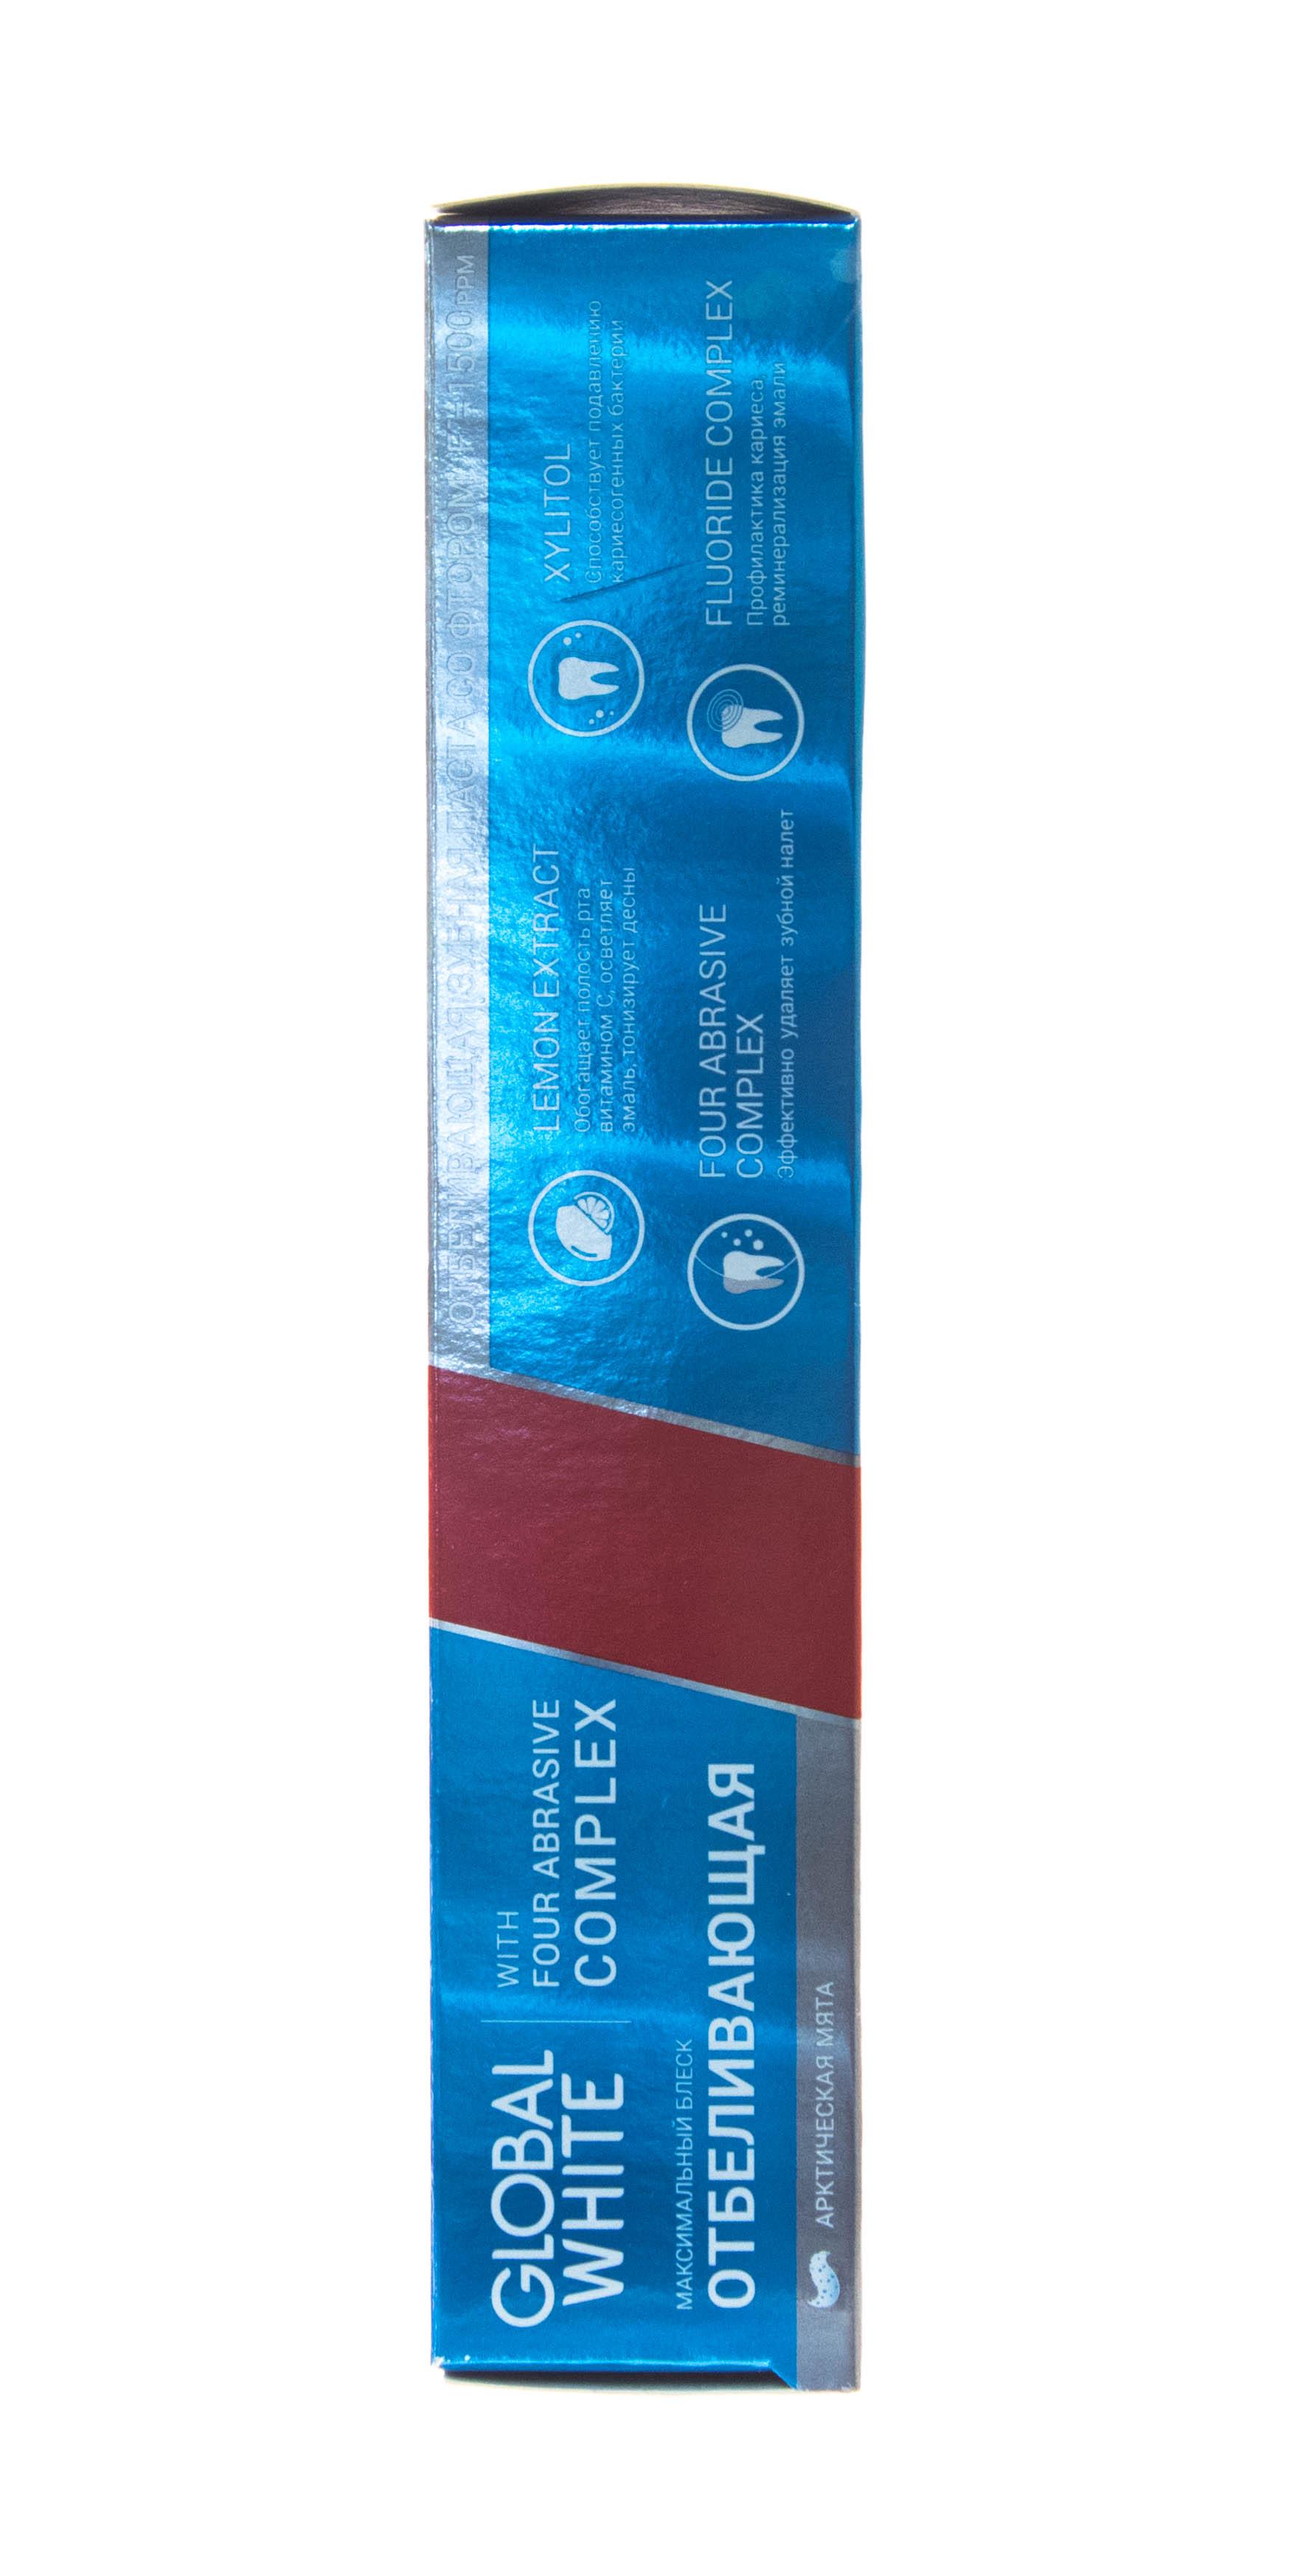 Ежедневная отбеливающая зубная паста на 1 тон 100 мл (Зубные пасты) Global white